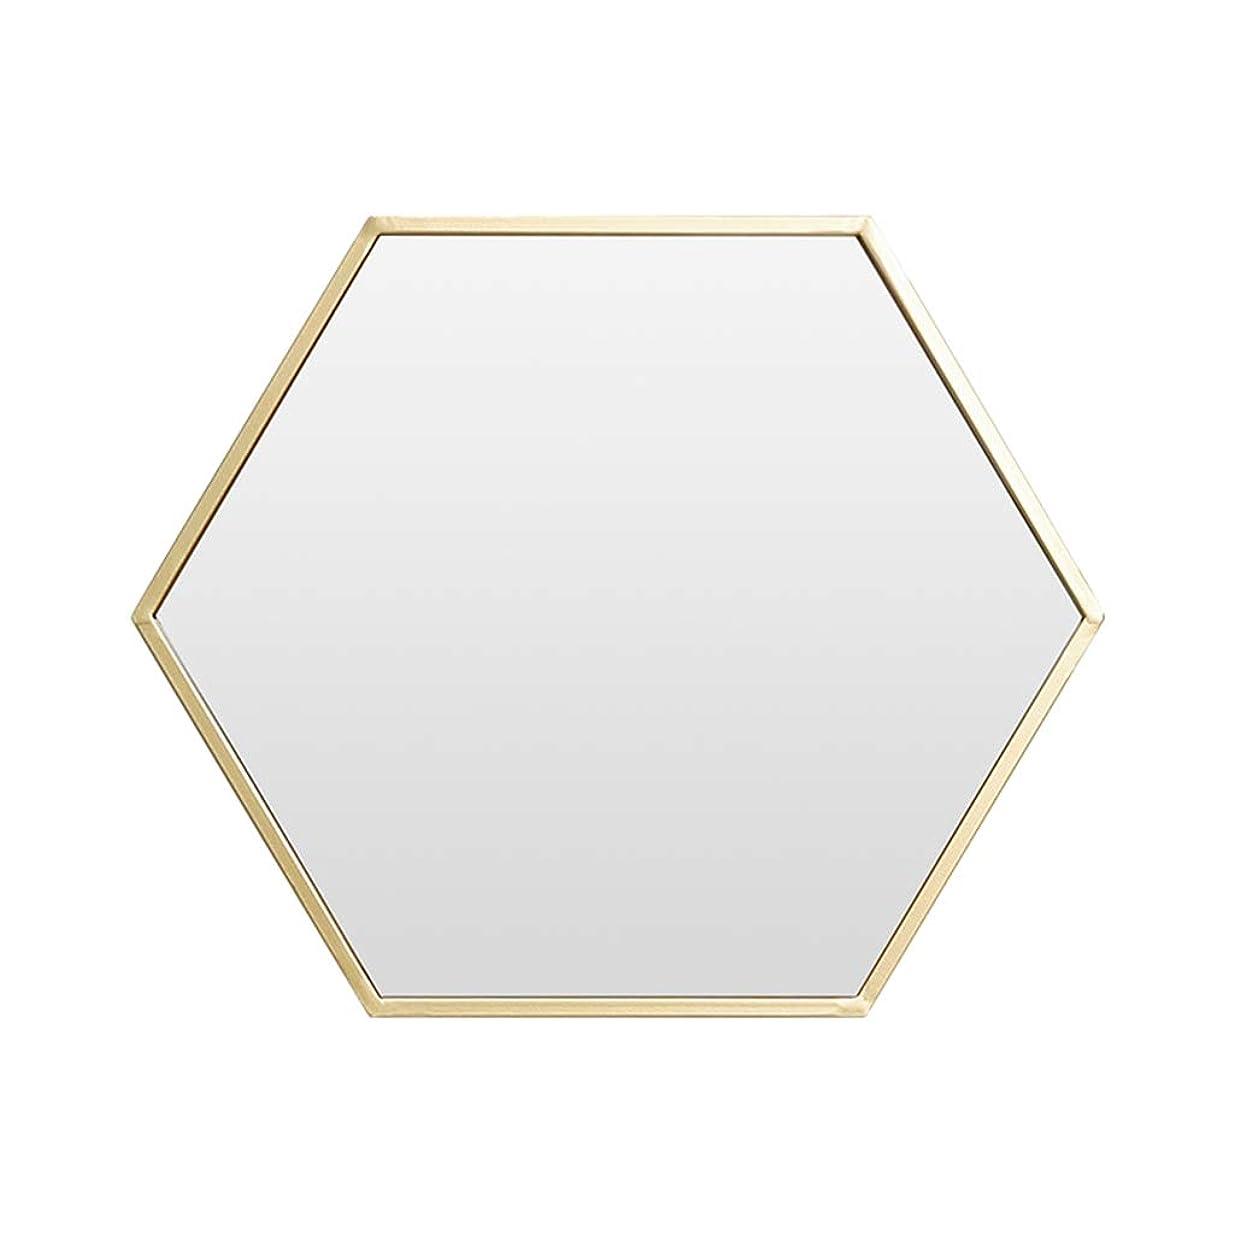 合理化データム不運壁の台紙の浴室ミラー、六角形の寝室のドレッシングのテーブルミラー、デスクトップの化粧鏡リビングルーム壁の装飾ミラー,41*48CM